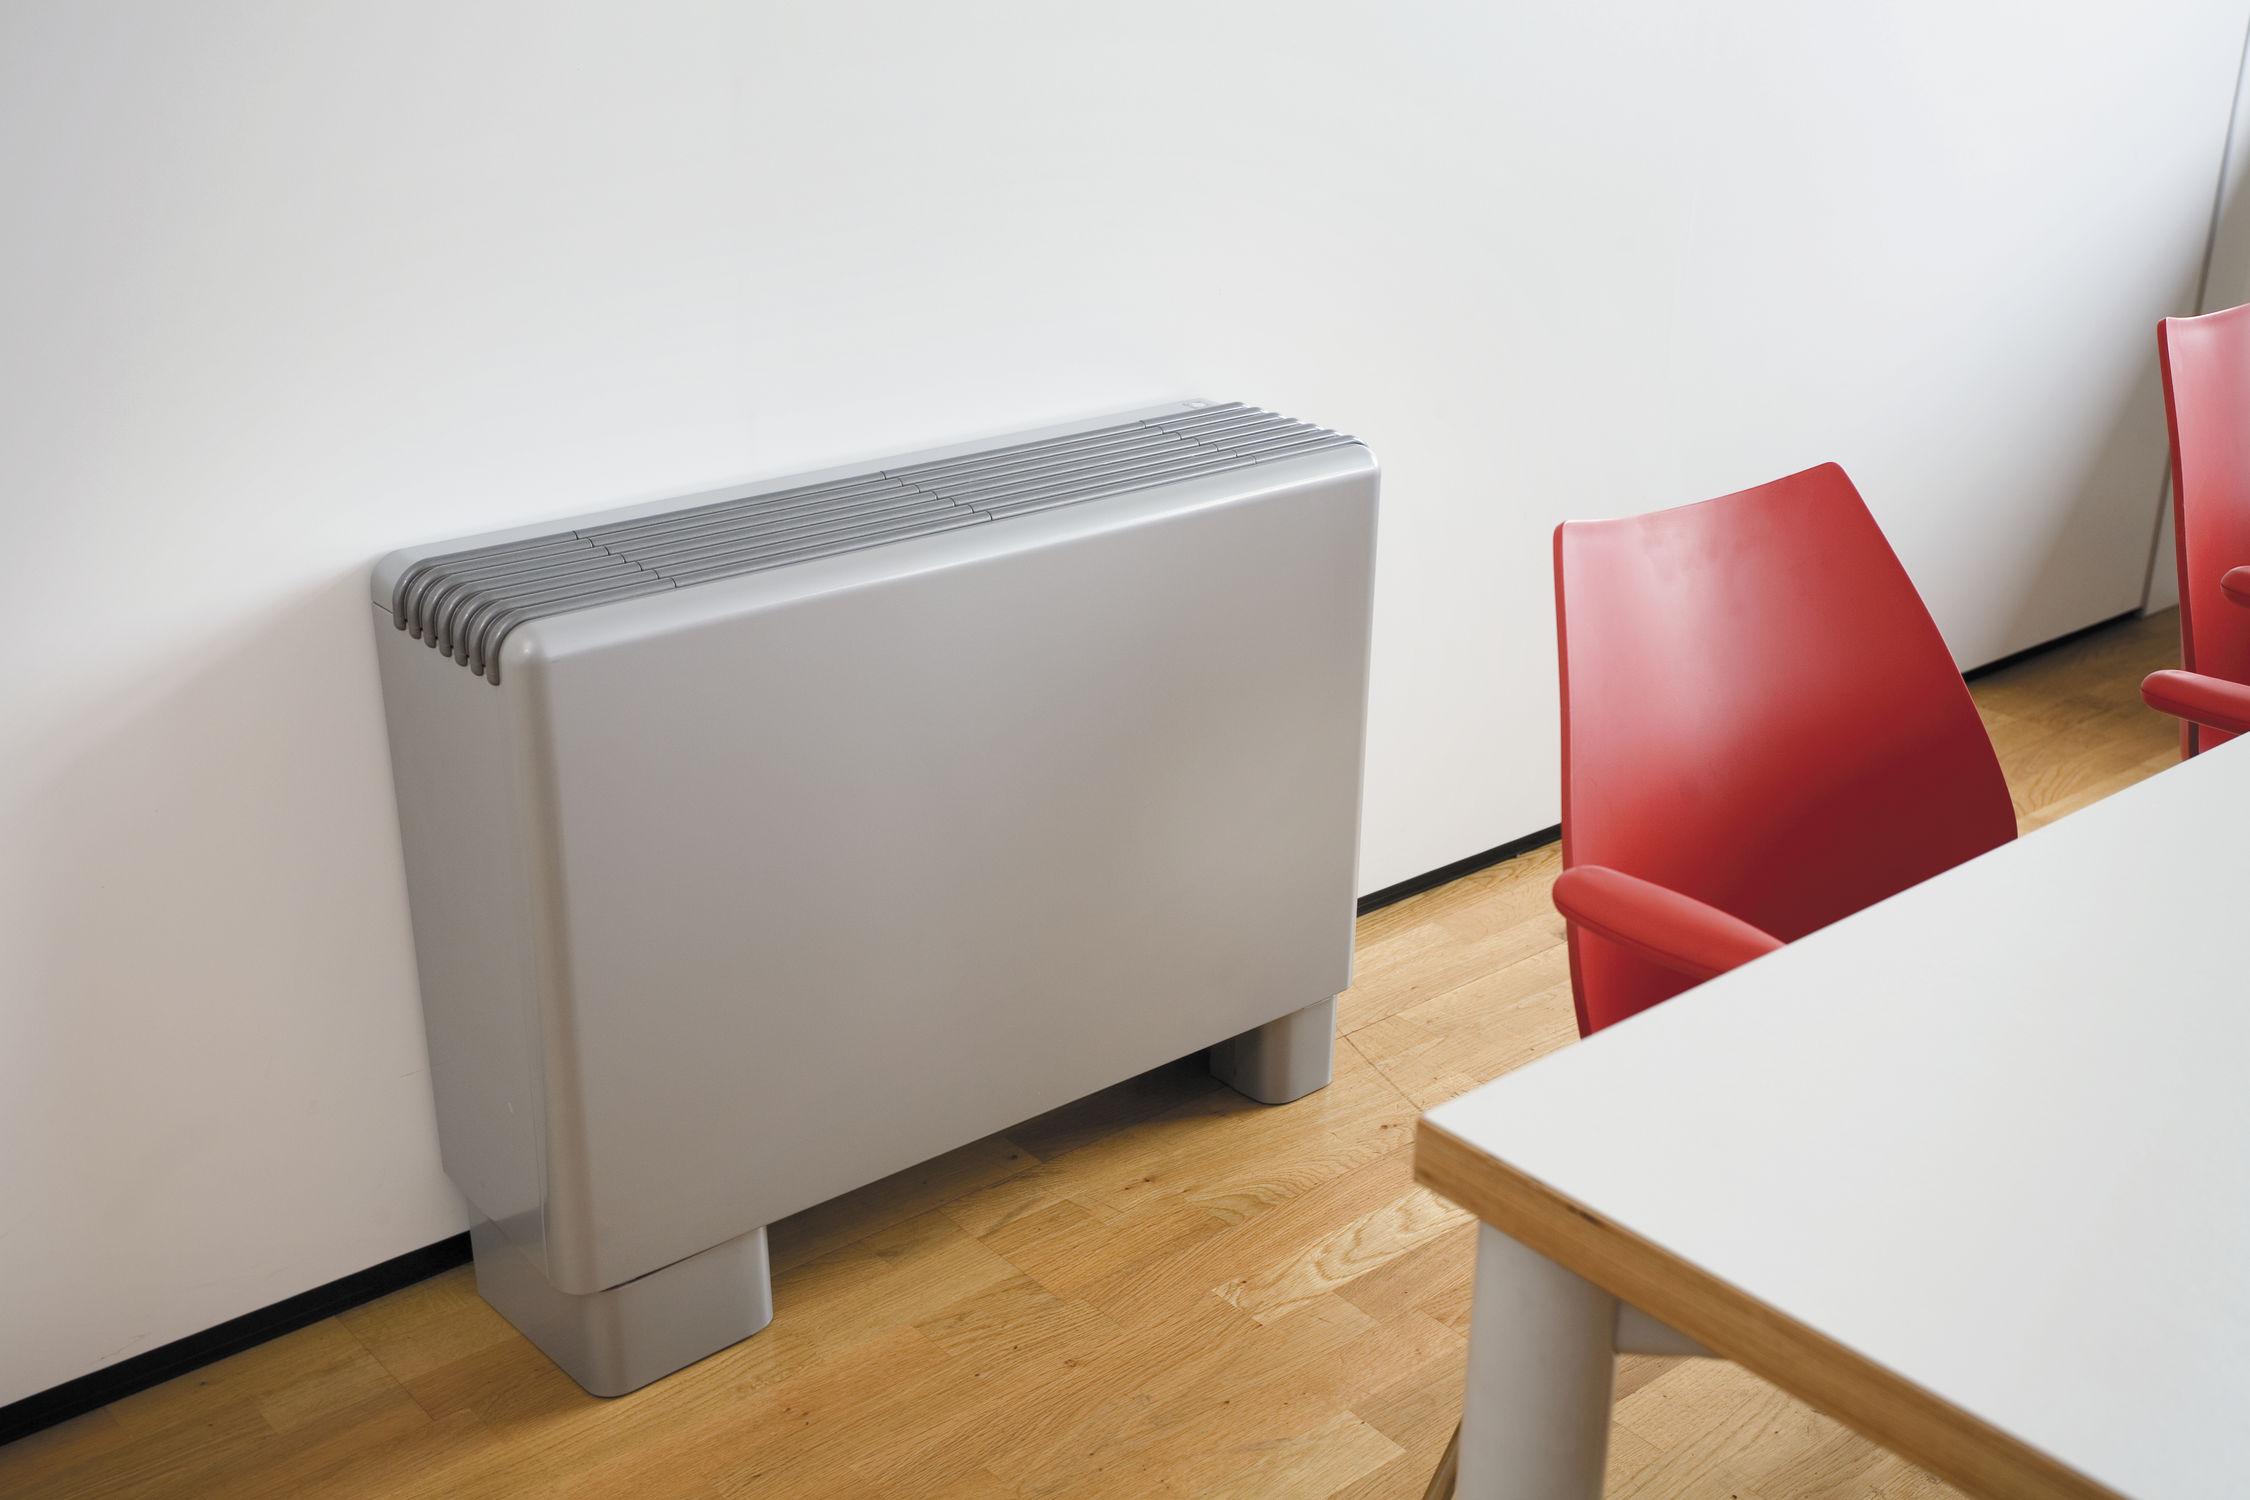 Qu est ce qu un radiateur basse temp rature la r ponse - Comment reconnaitre un radiateur basse temperature ...